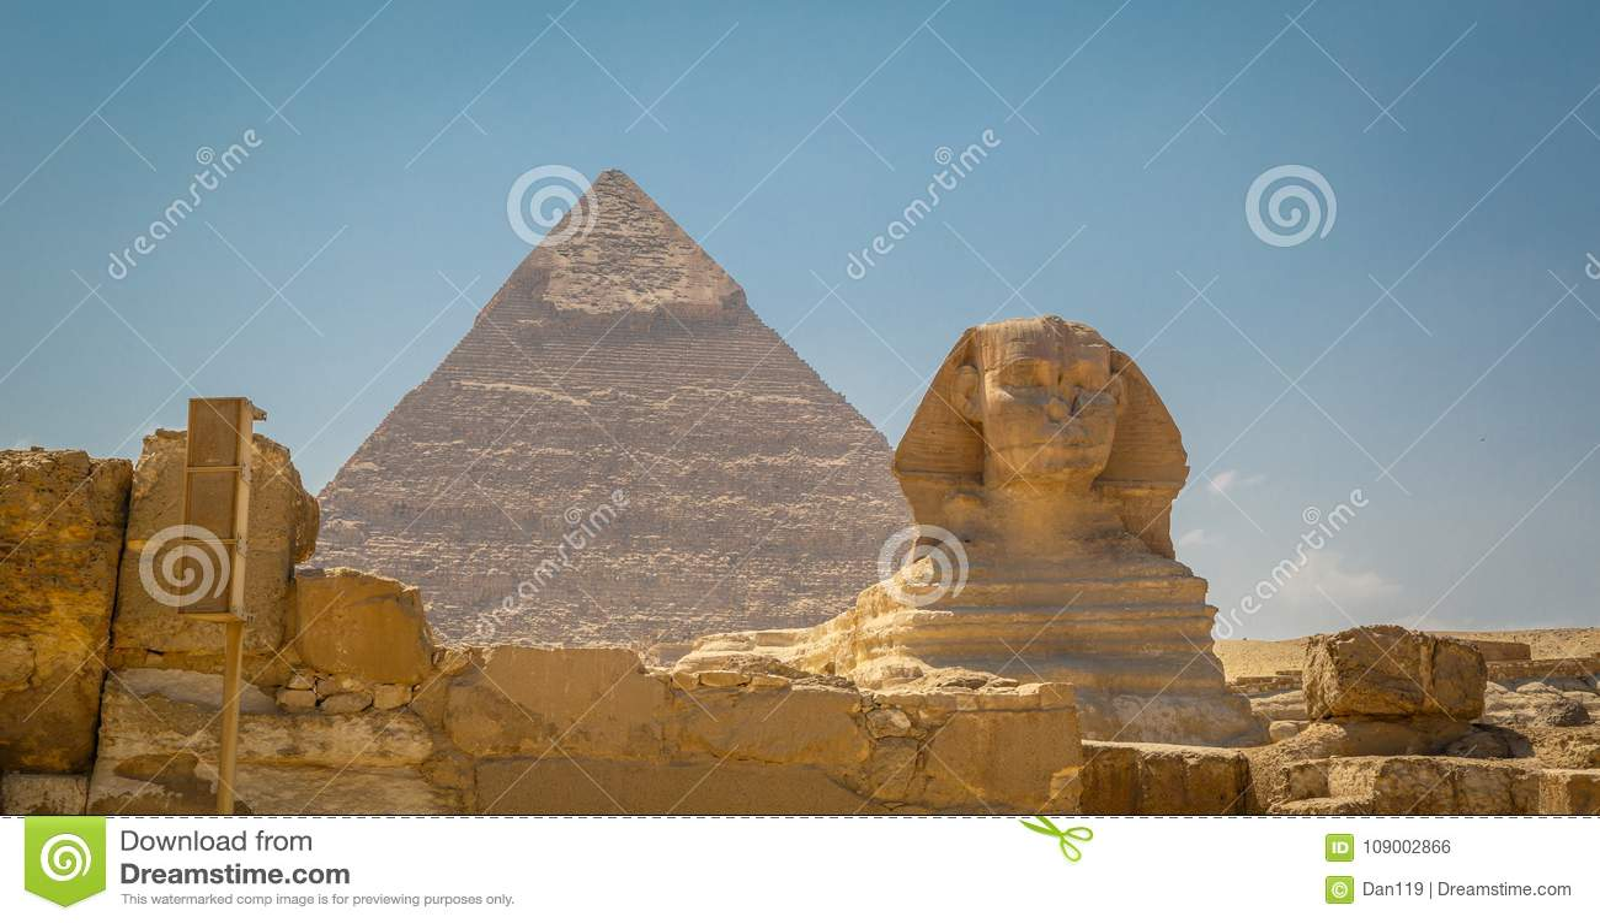 Αίγυπτος, Κάιρο  Στις 19 Αυγούστου 2014 - οι αιγυπτιακές πυραμίδες στο Κάιρο Η αψίδα του ναού